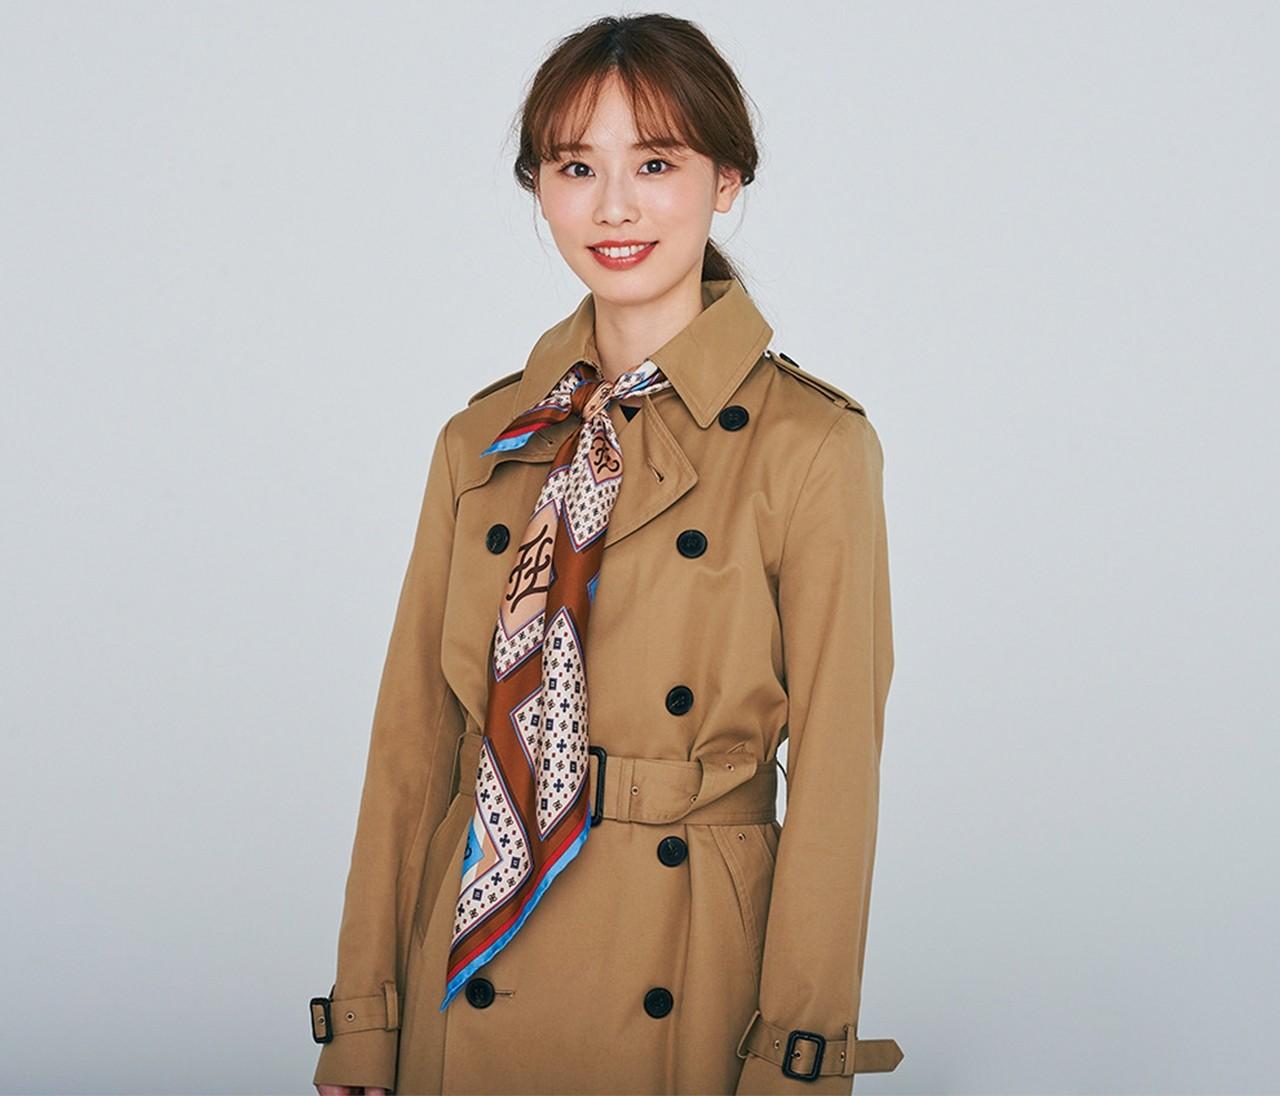 【スカーフアレンジ】「ネクタイ風巻き」でアウタースタイルが華やかに!